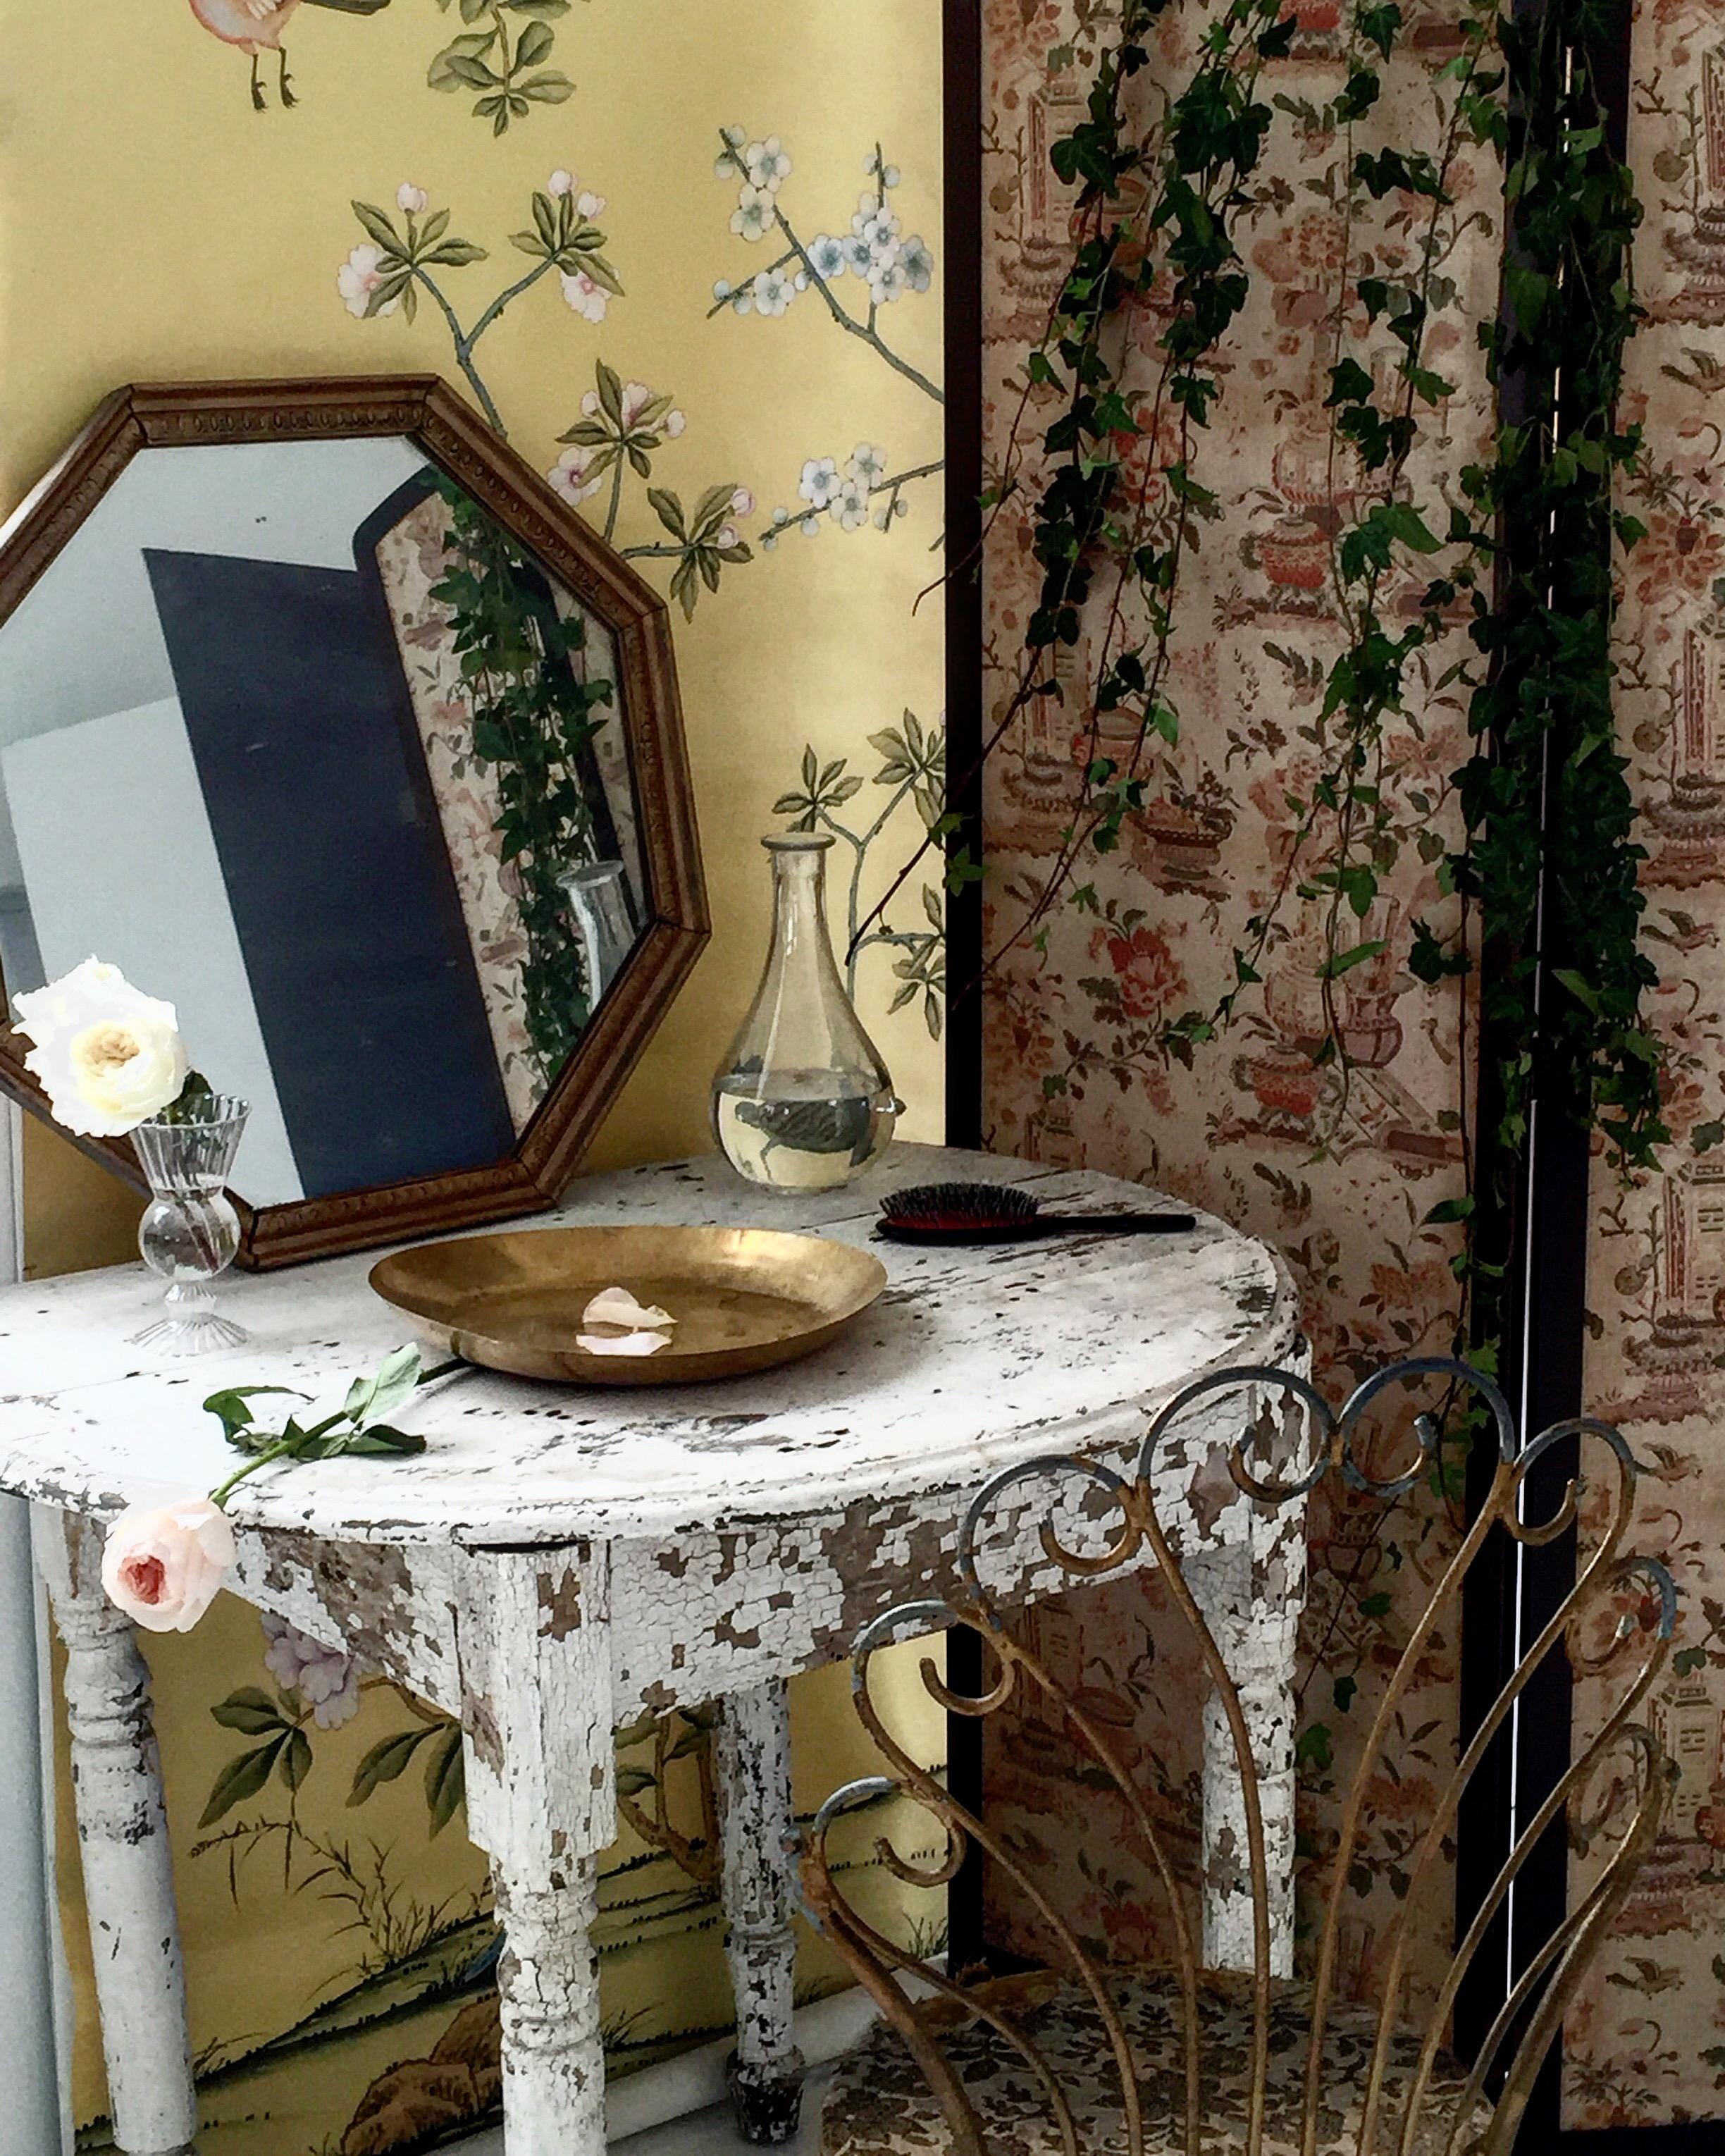 Rustic & floral bits